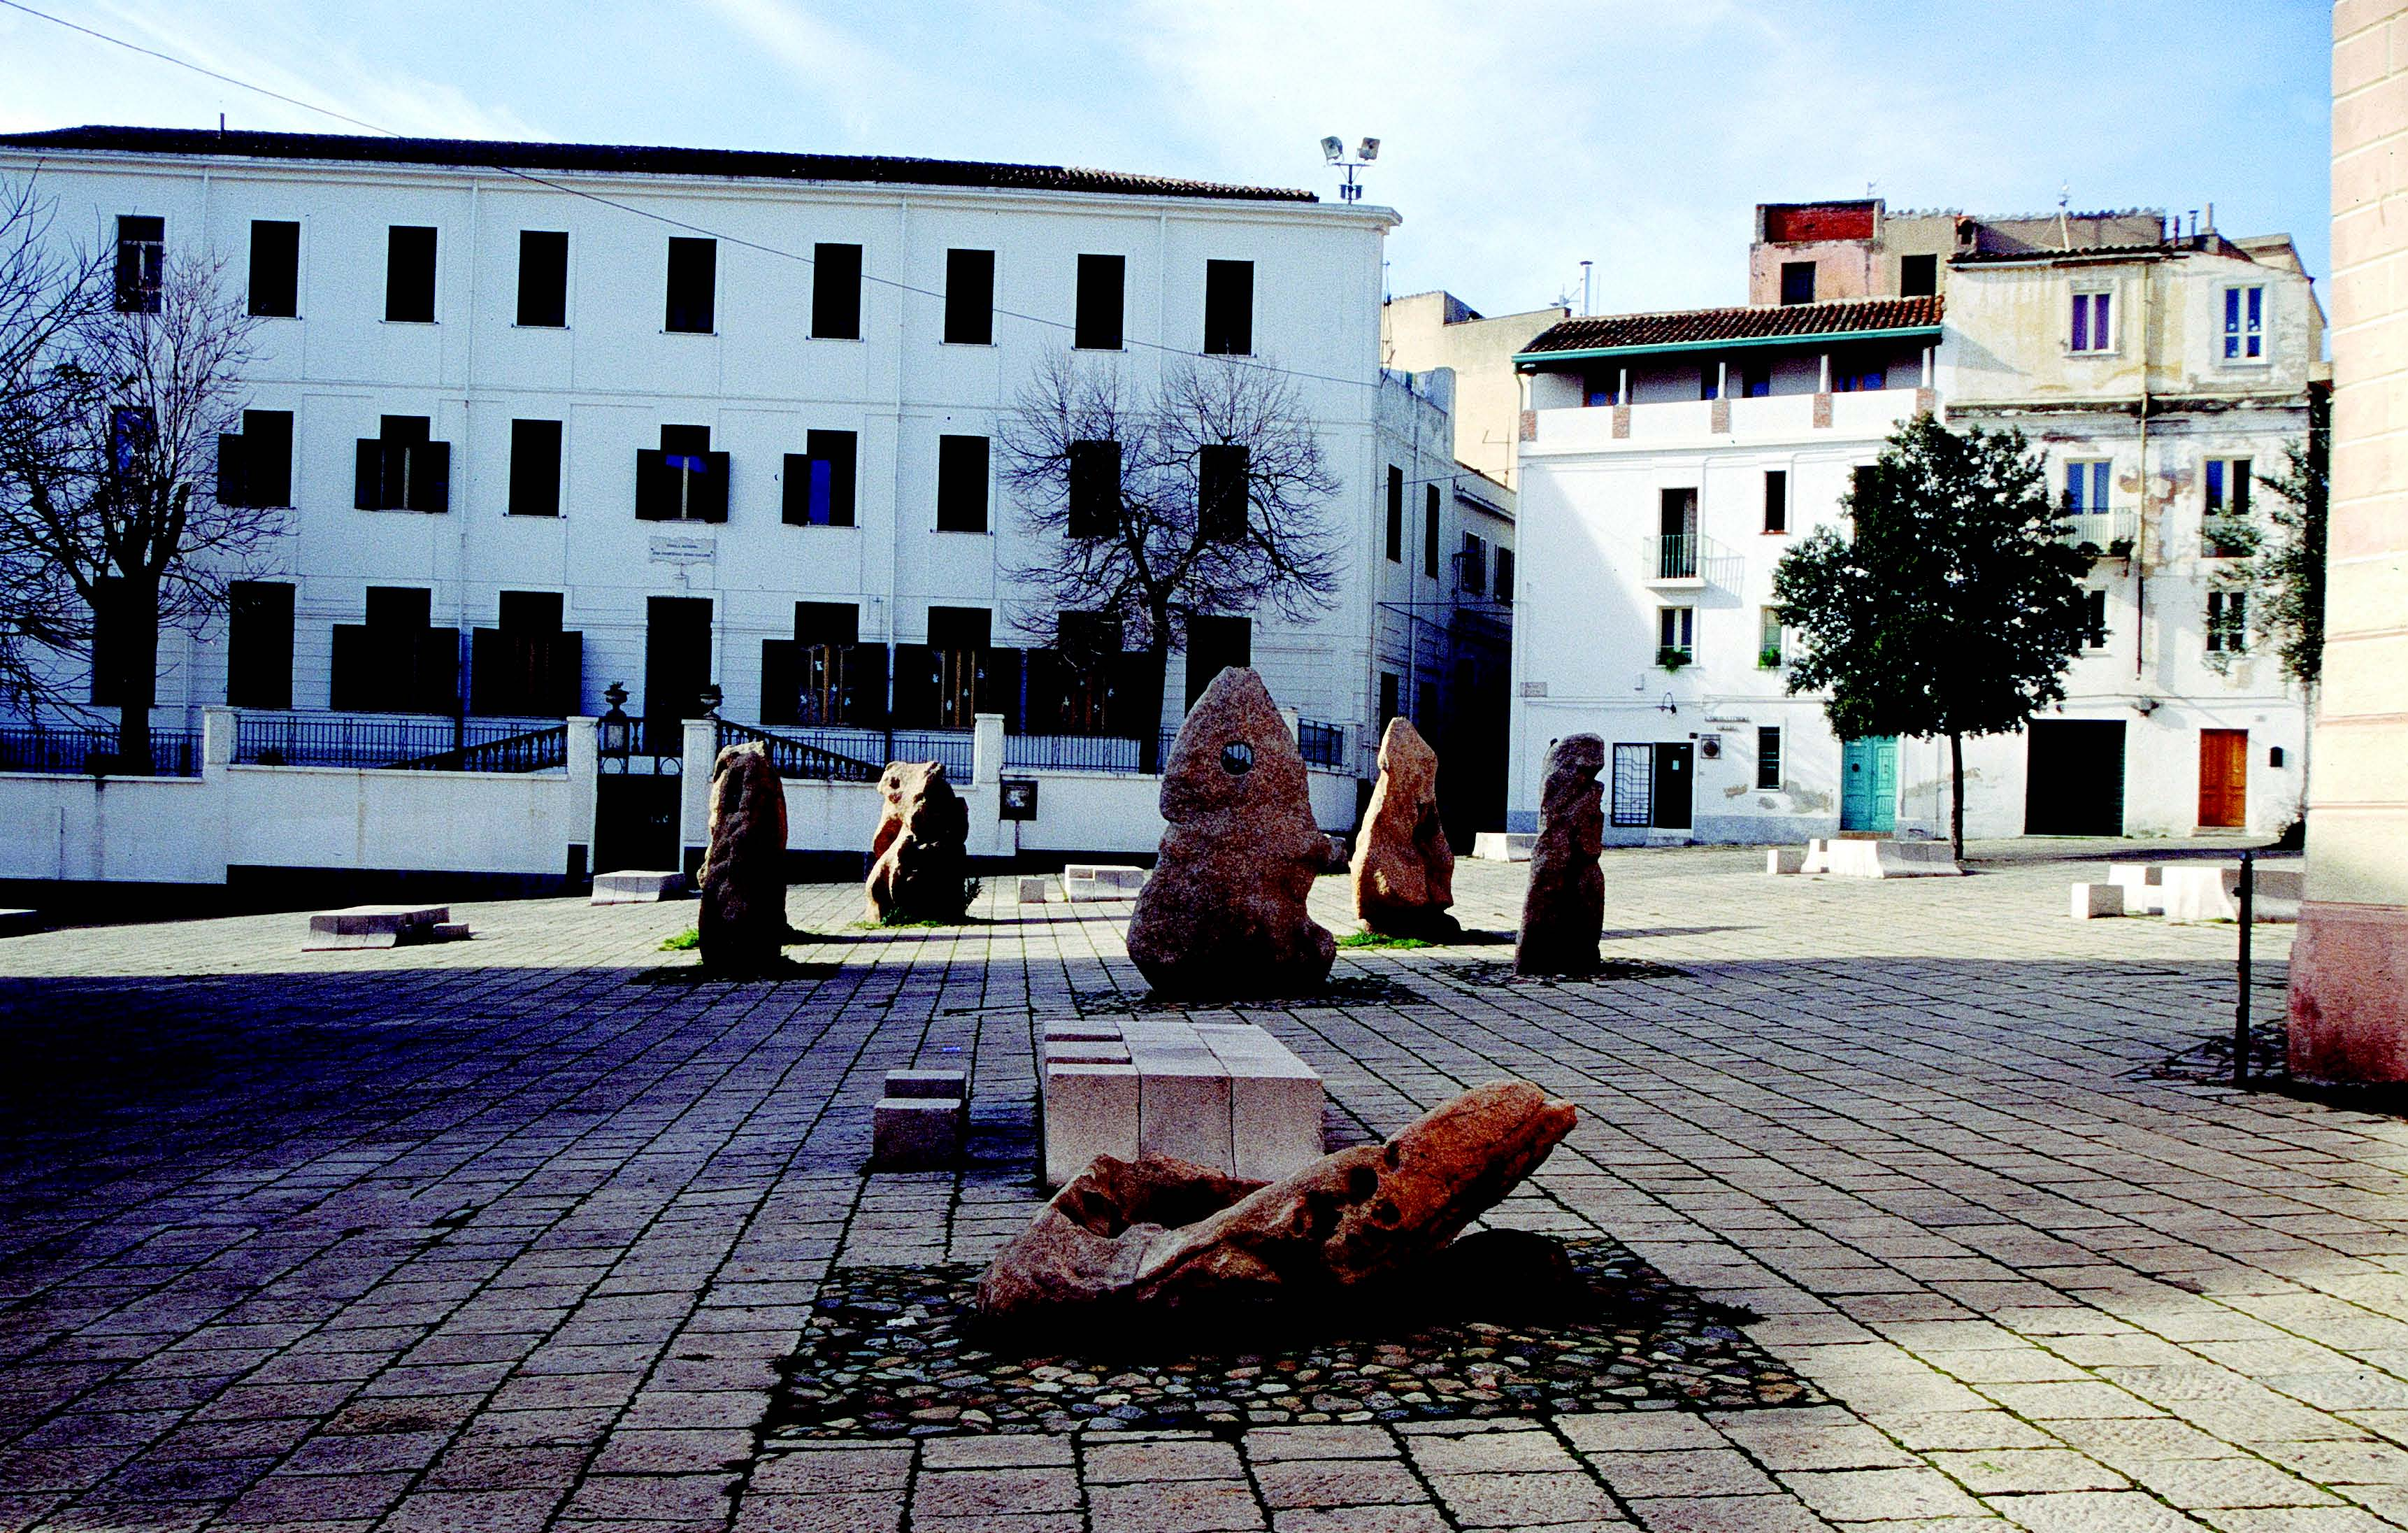 Nuoro,piazza Sebastiano Satta, progettata e realizzata da Costantino Nivola.